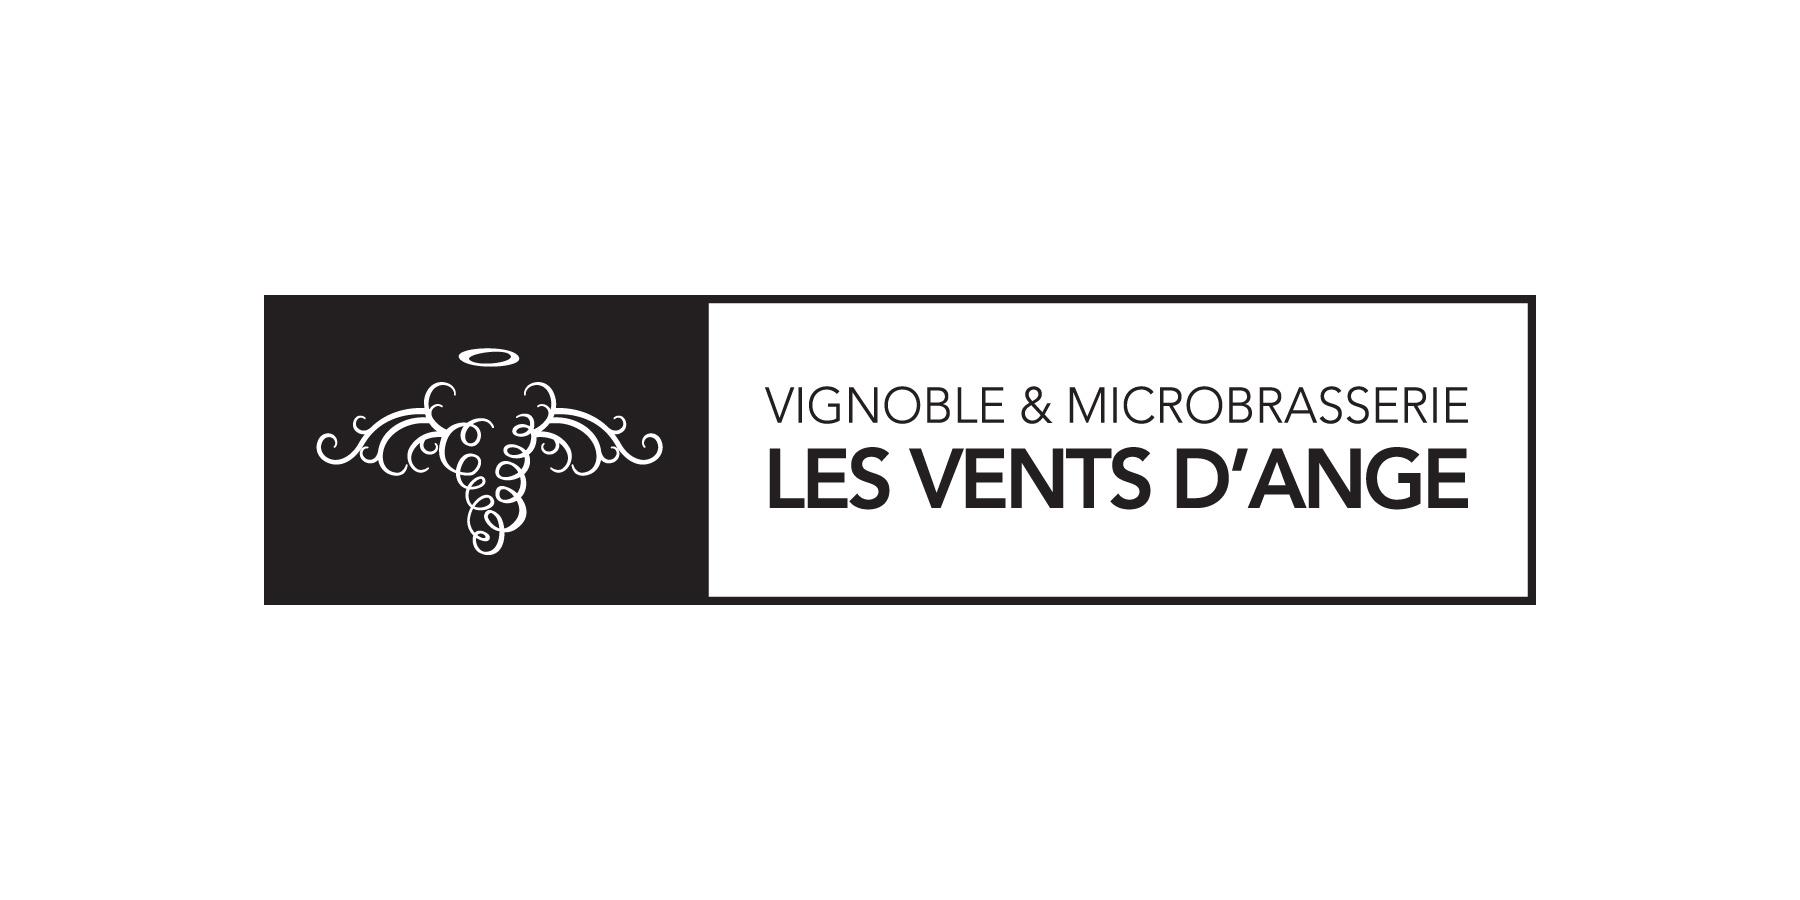 CCI2M - Entreprise - Vignoble & Microbrasserie Les Vents d'Ange